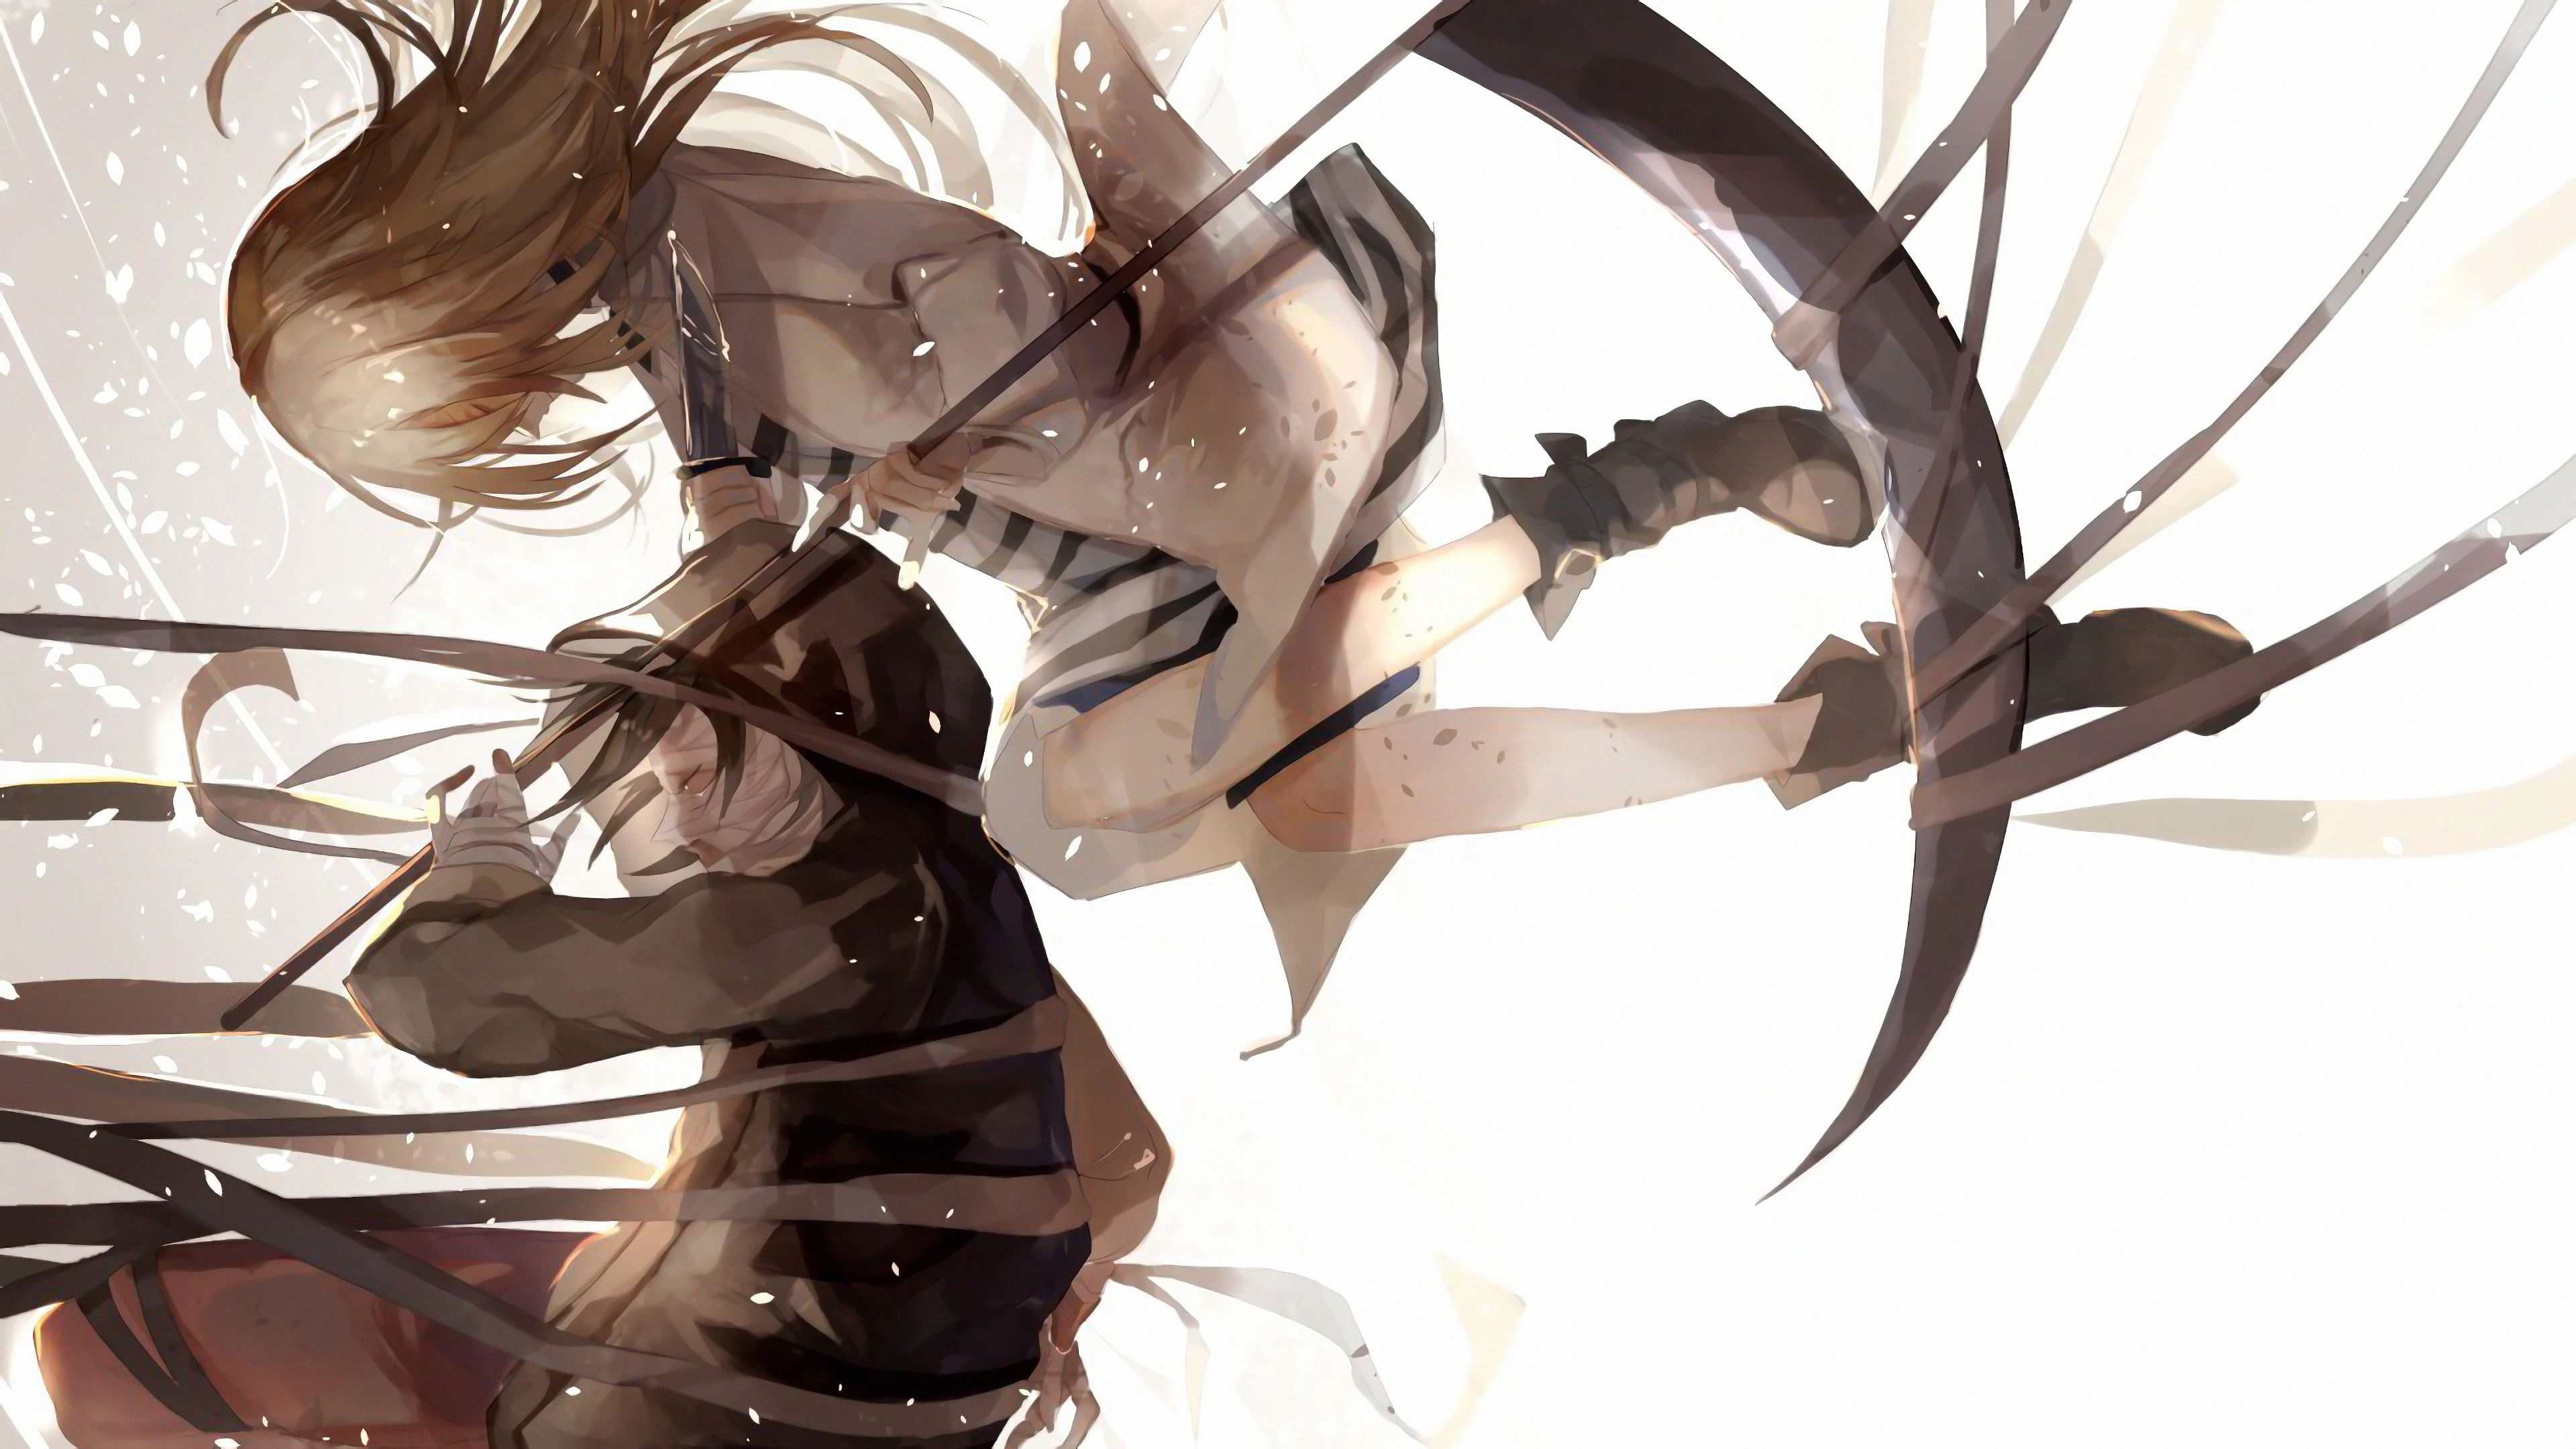 satsuriku no tenshi 4k ultra hd wallpaper